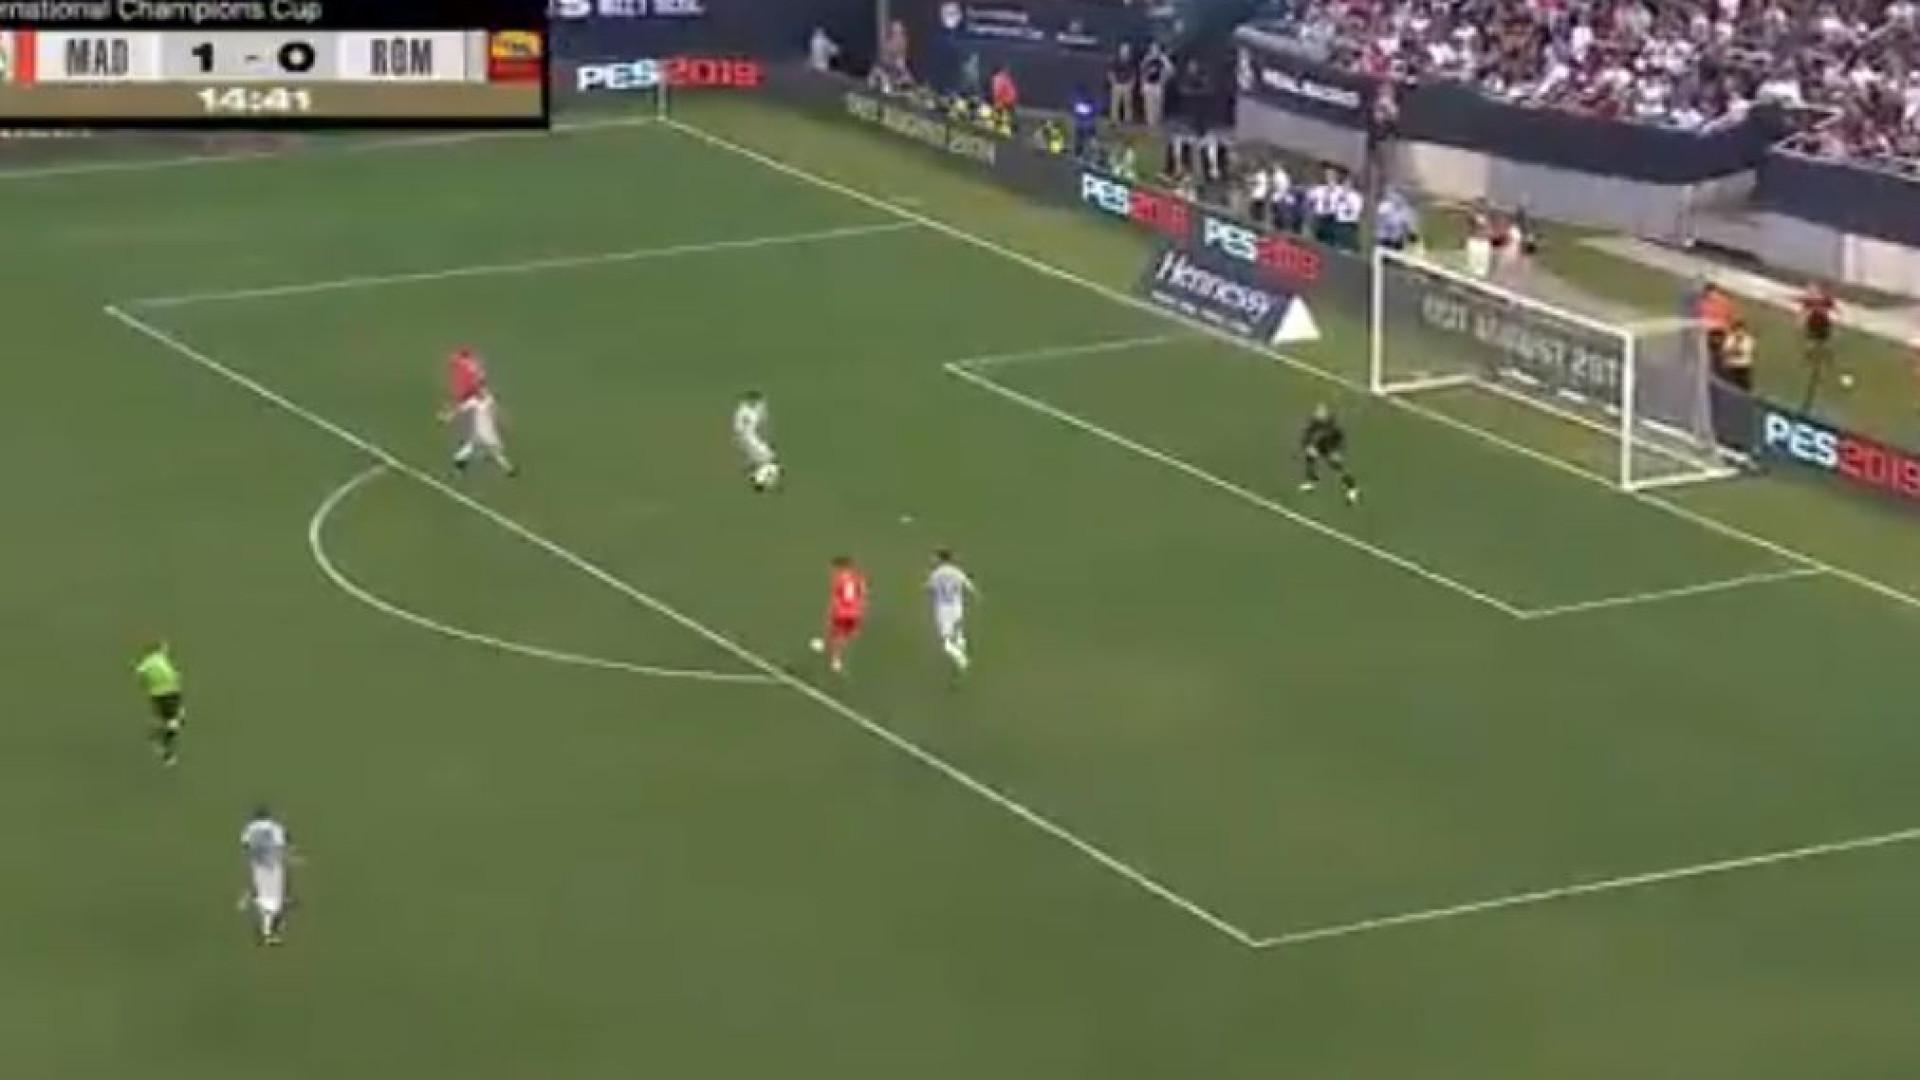 O melhor Bale está de volta: 'Arrumou' Marcano e marcou